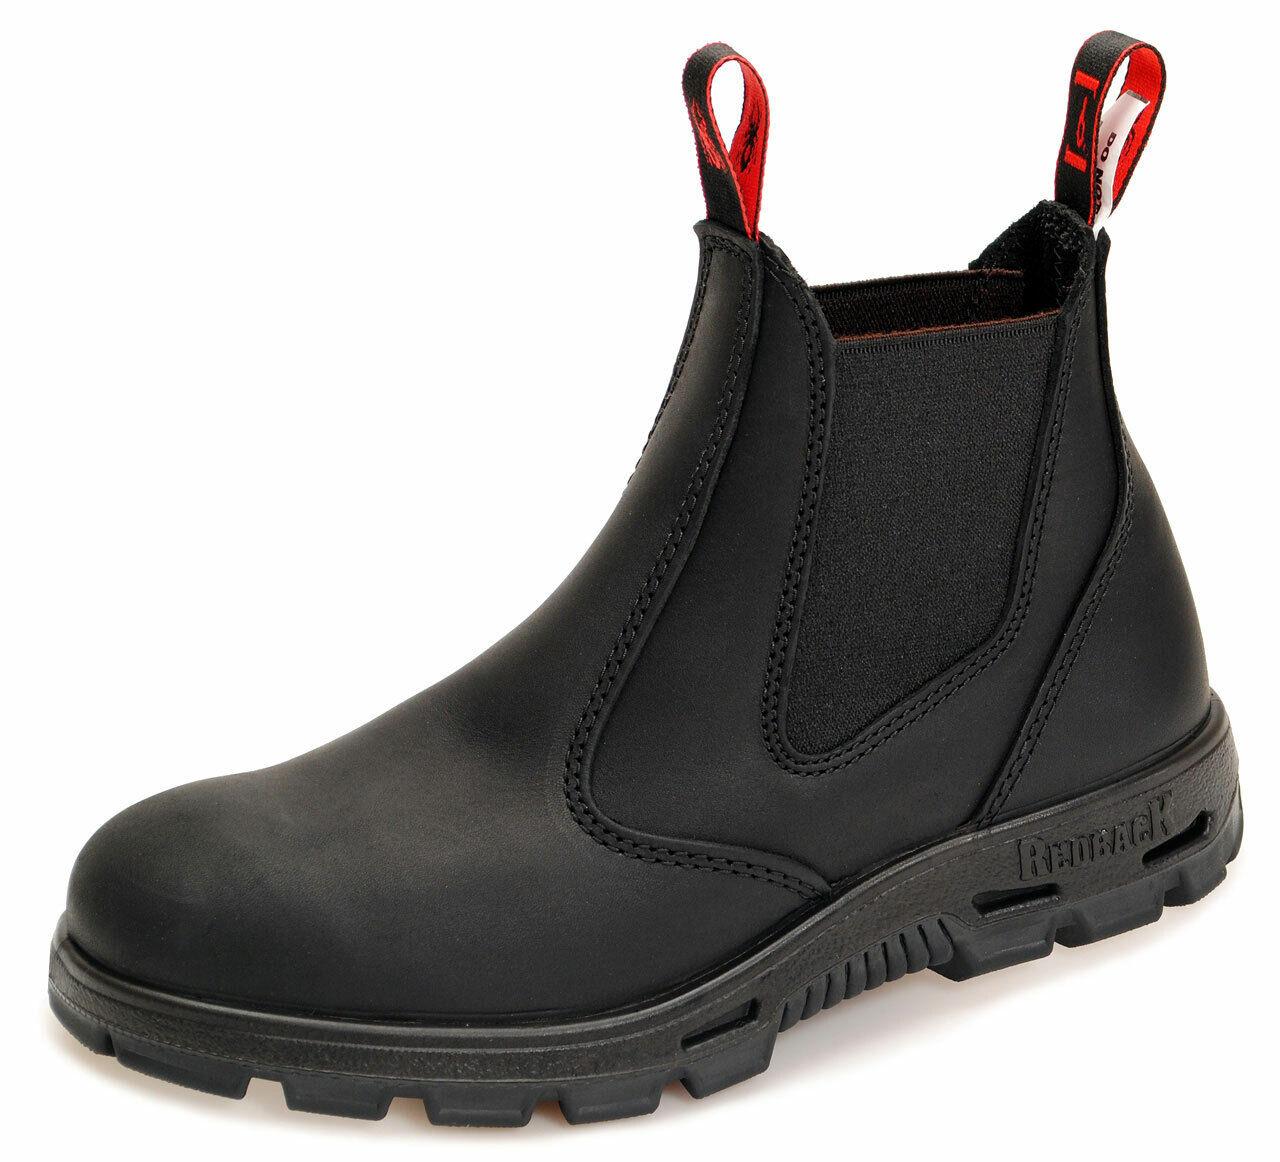 Redback Work Boots Sicherheitsschuh Arbeitsschuh Stahlkappe BUSBBK Black